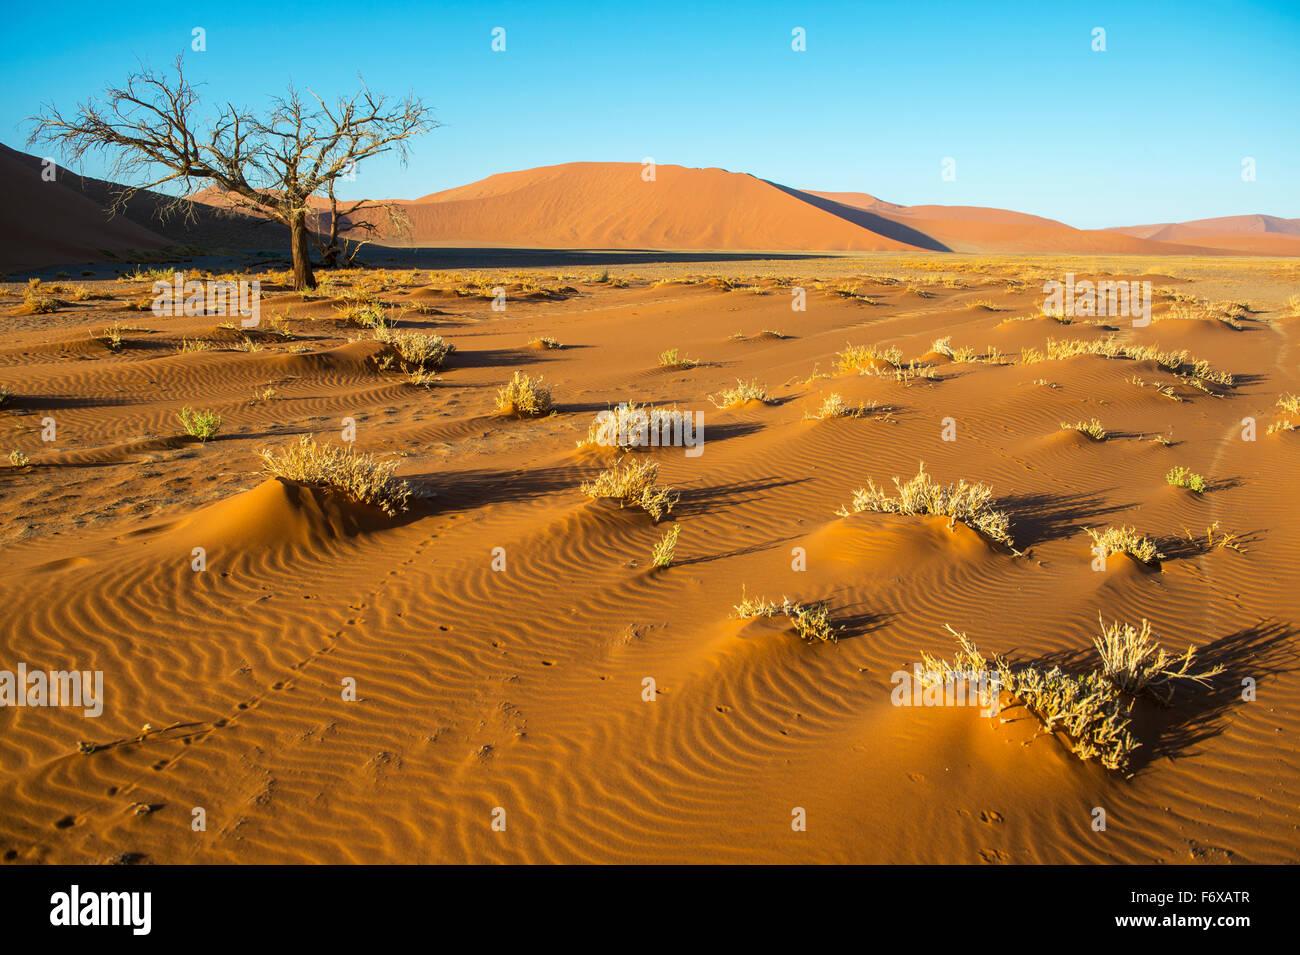 Brush growing in the desert; Sossusvlei, Namibia - Stock Image